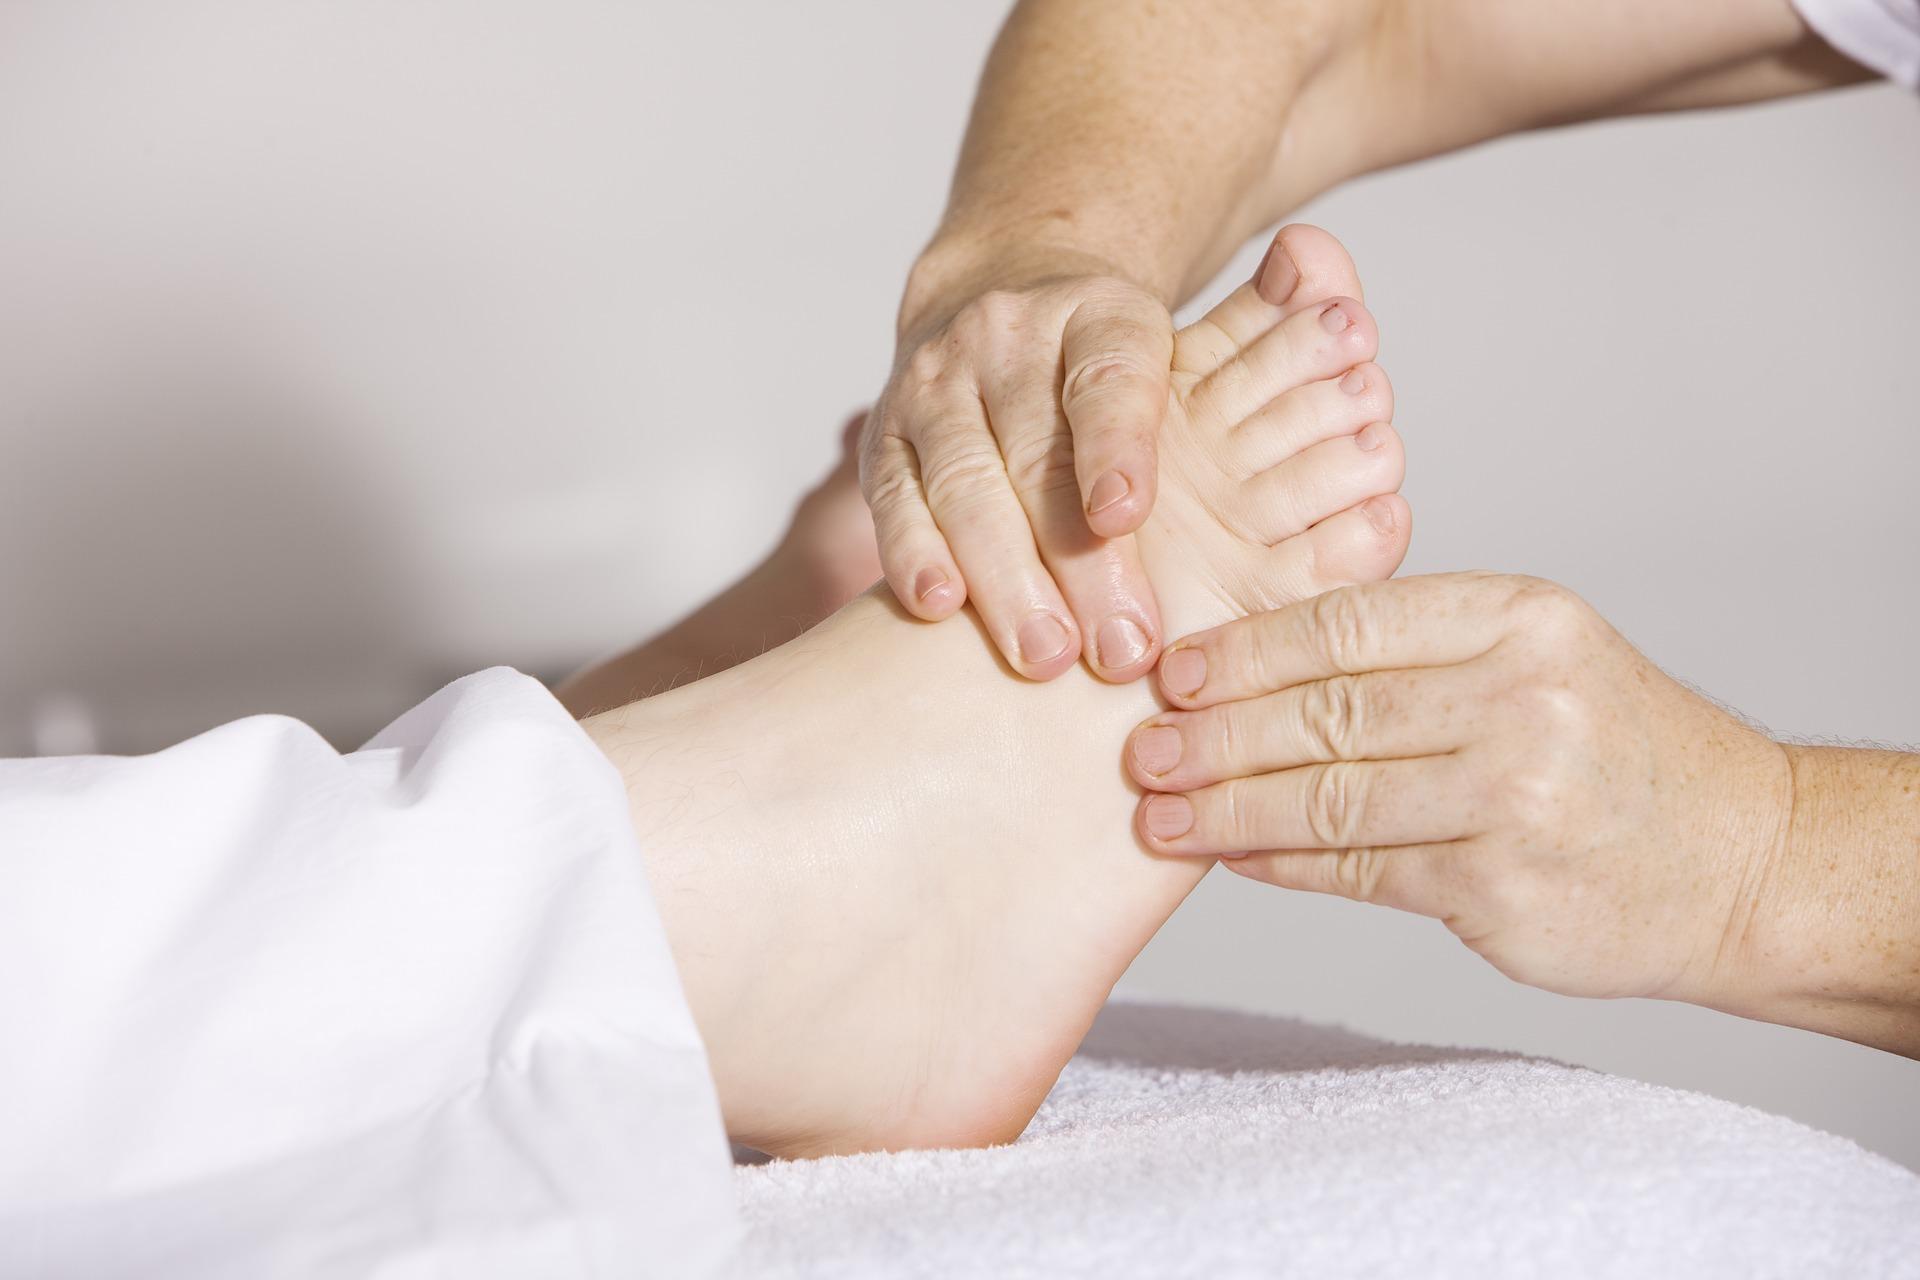 18 Health Benefits Of Foot Massage/Reflexology (Part 2)